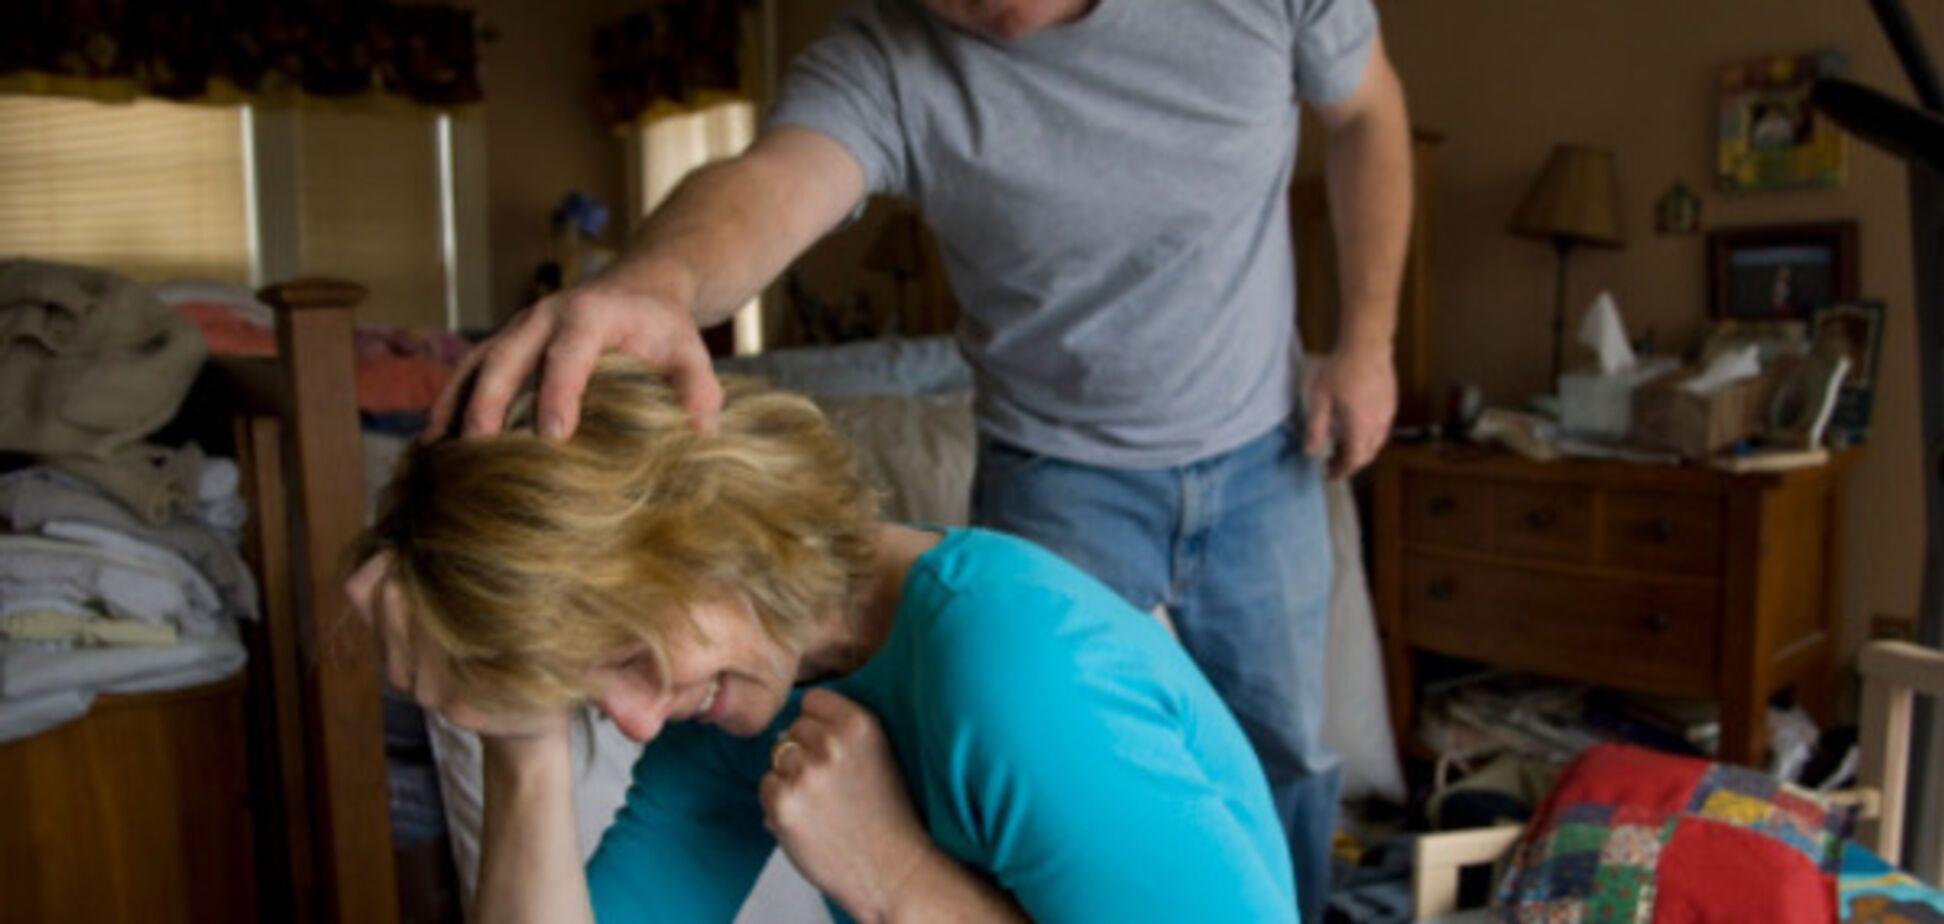 Когда жизнь – ад: психолог рассказала о проблеме домашнего насилия в Украине